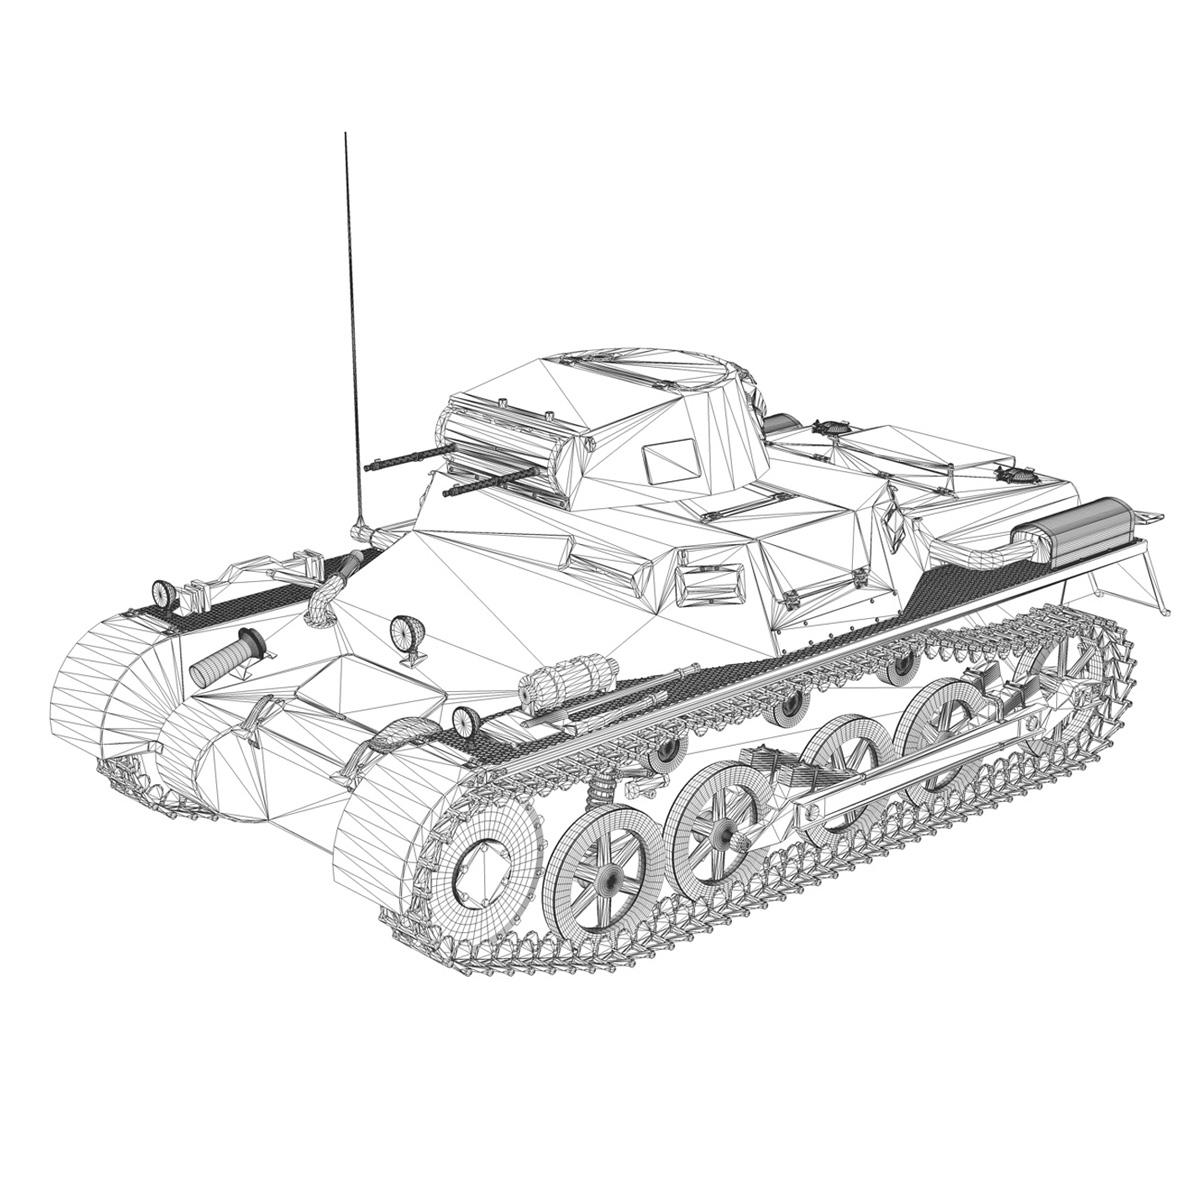 pzkpfw 1 – panzer 1 – ausf. a – 13 3d model 3ds fbx lwo lw lws obj c4d 266639